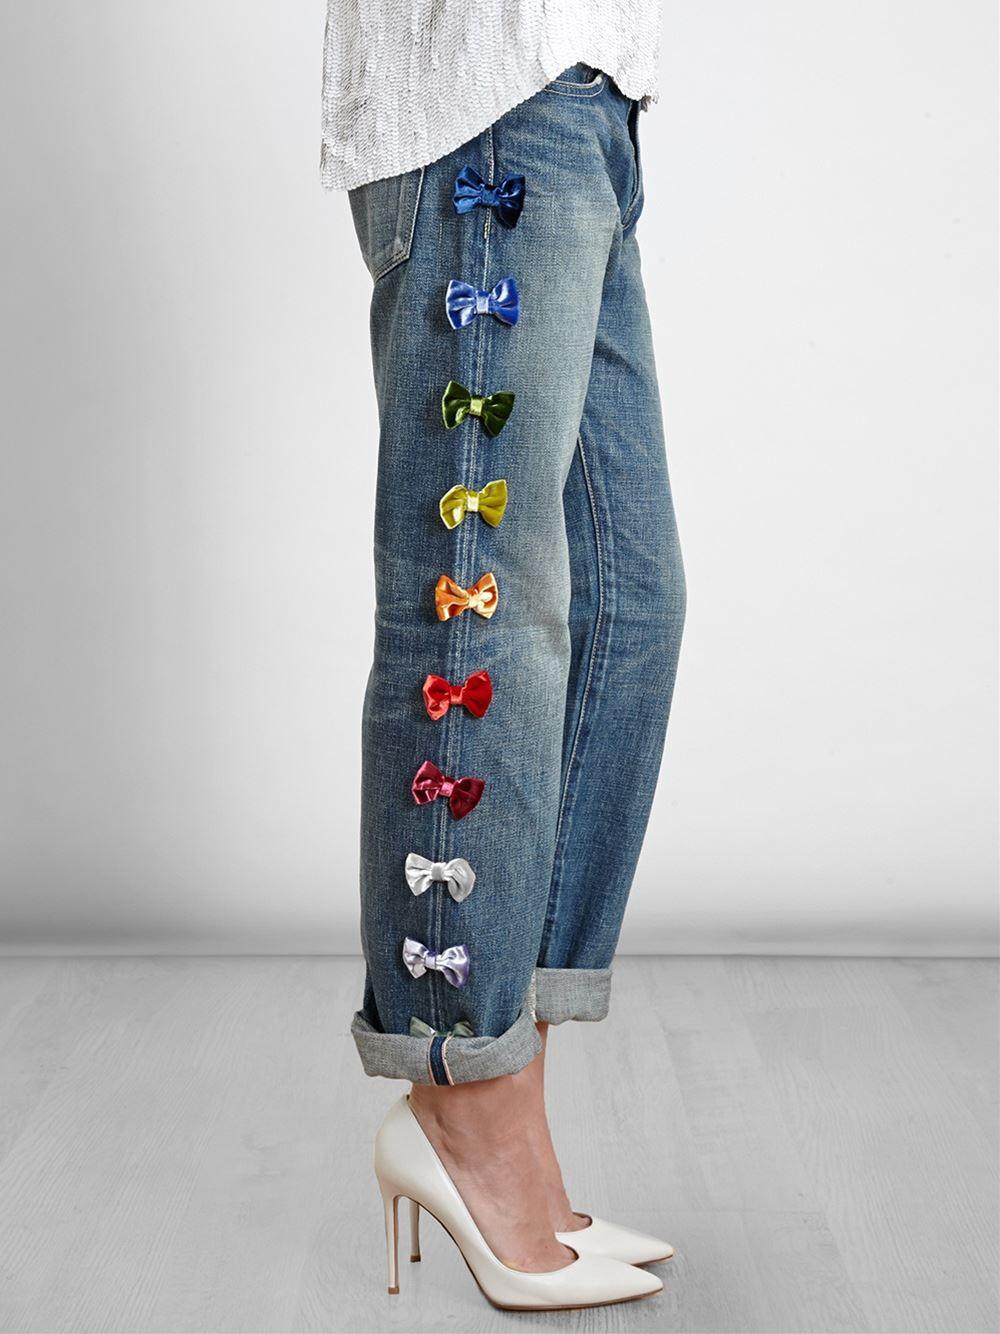 Украсить джинсы бусинами своими руками 2